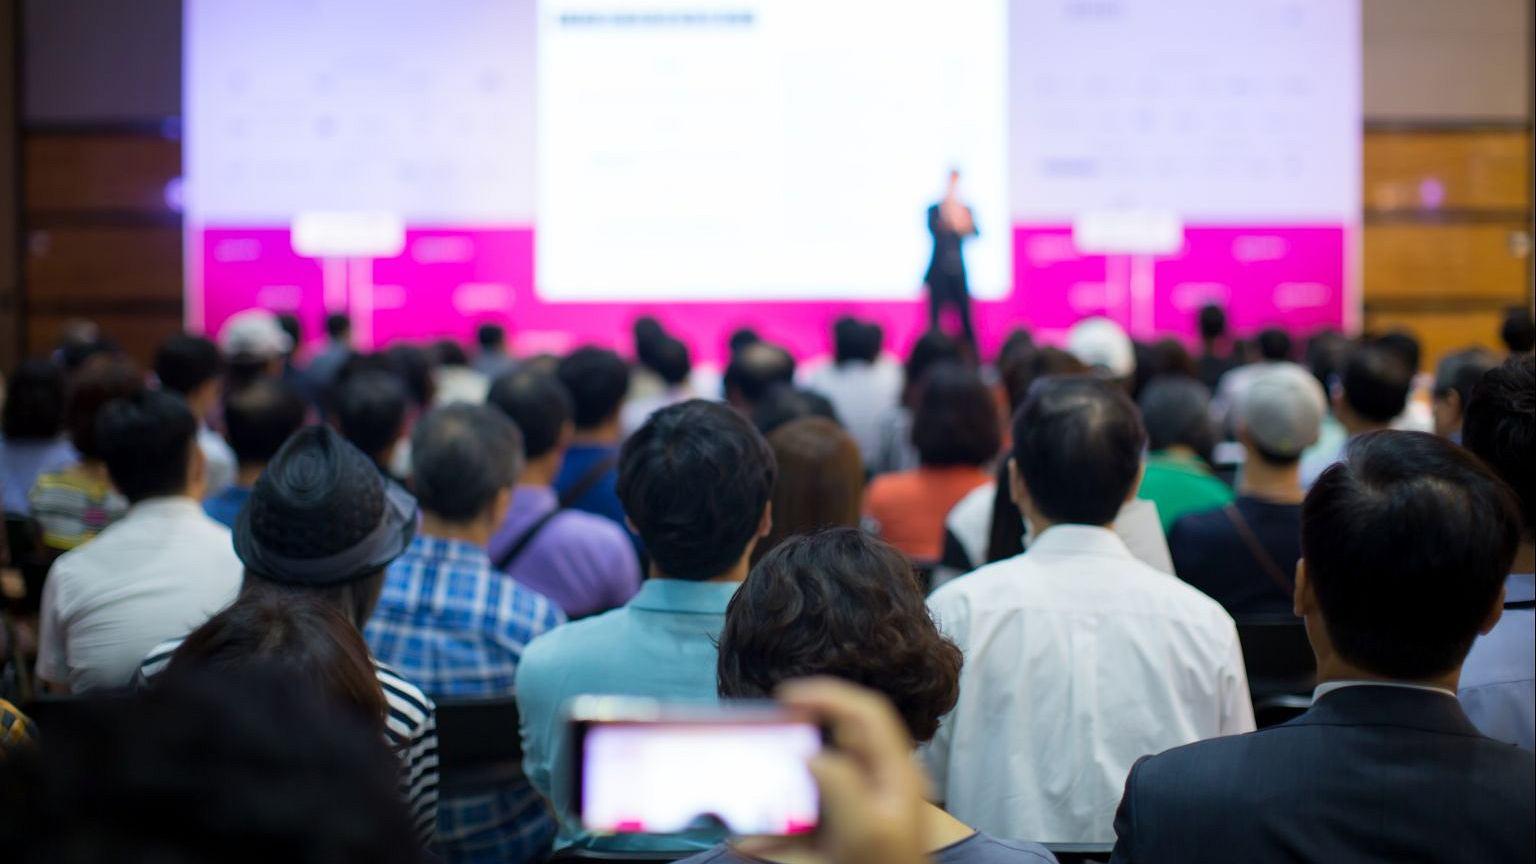 Wystąpienia coachów i mówców motywacyjnych przyciągają tłumy